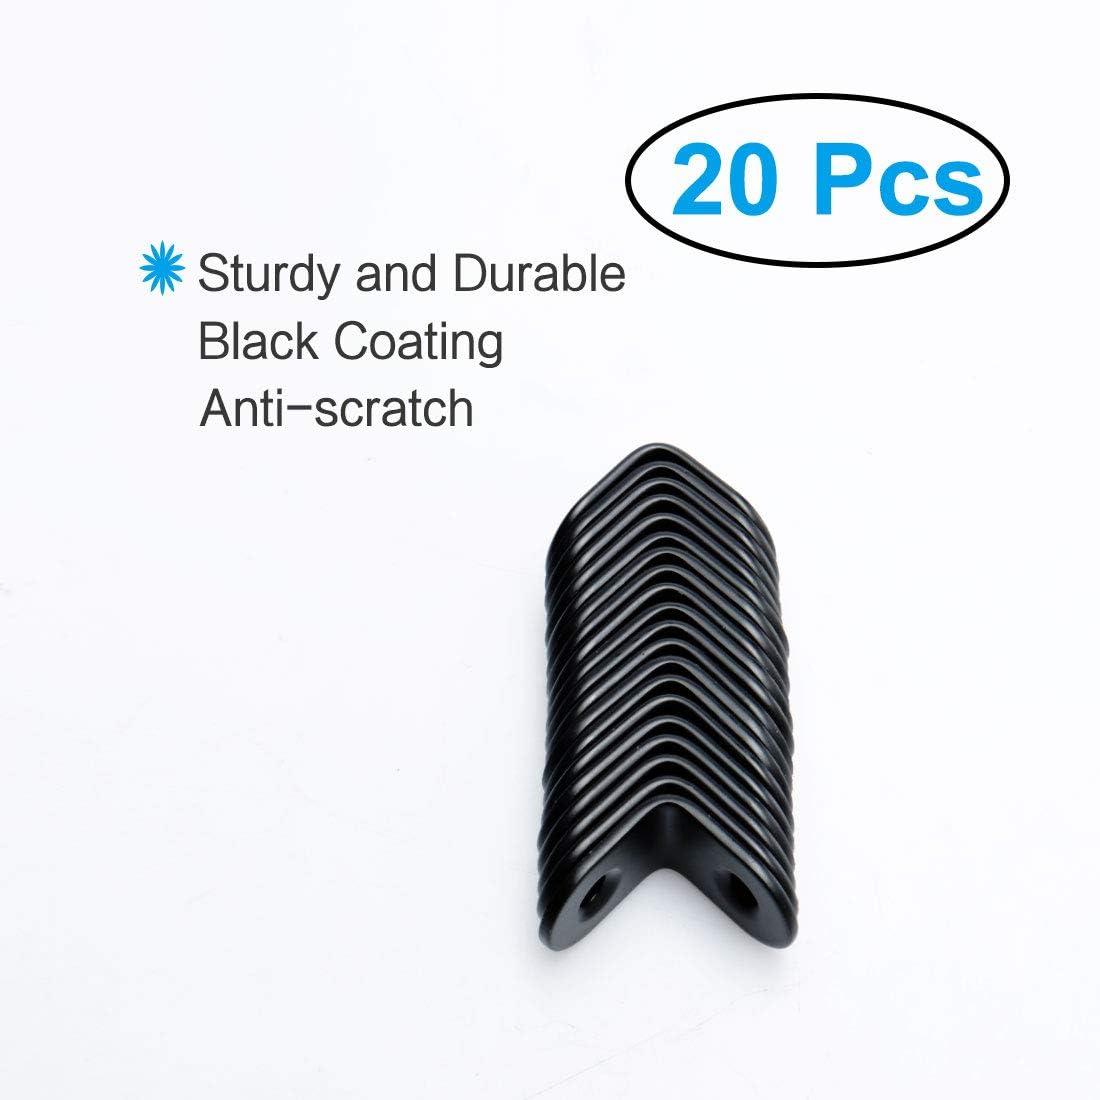 soportes de /ángulo recto en forma de L soporte protector de esquina con tornillos para muebles Soporte de /ángulo de acero inoxidable para esquina